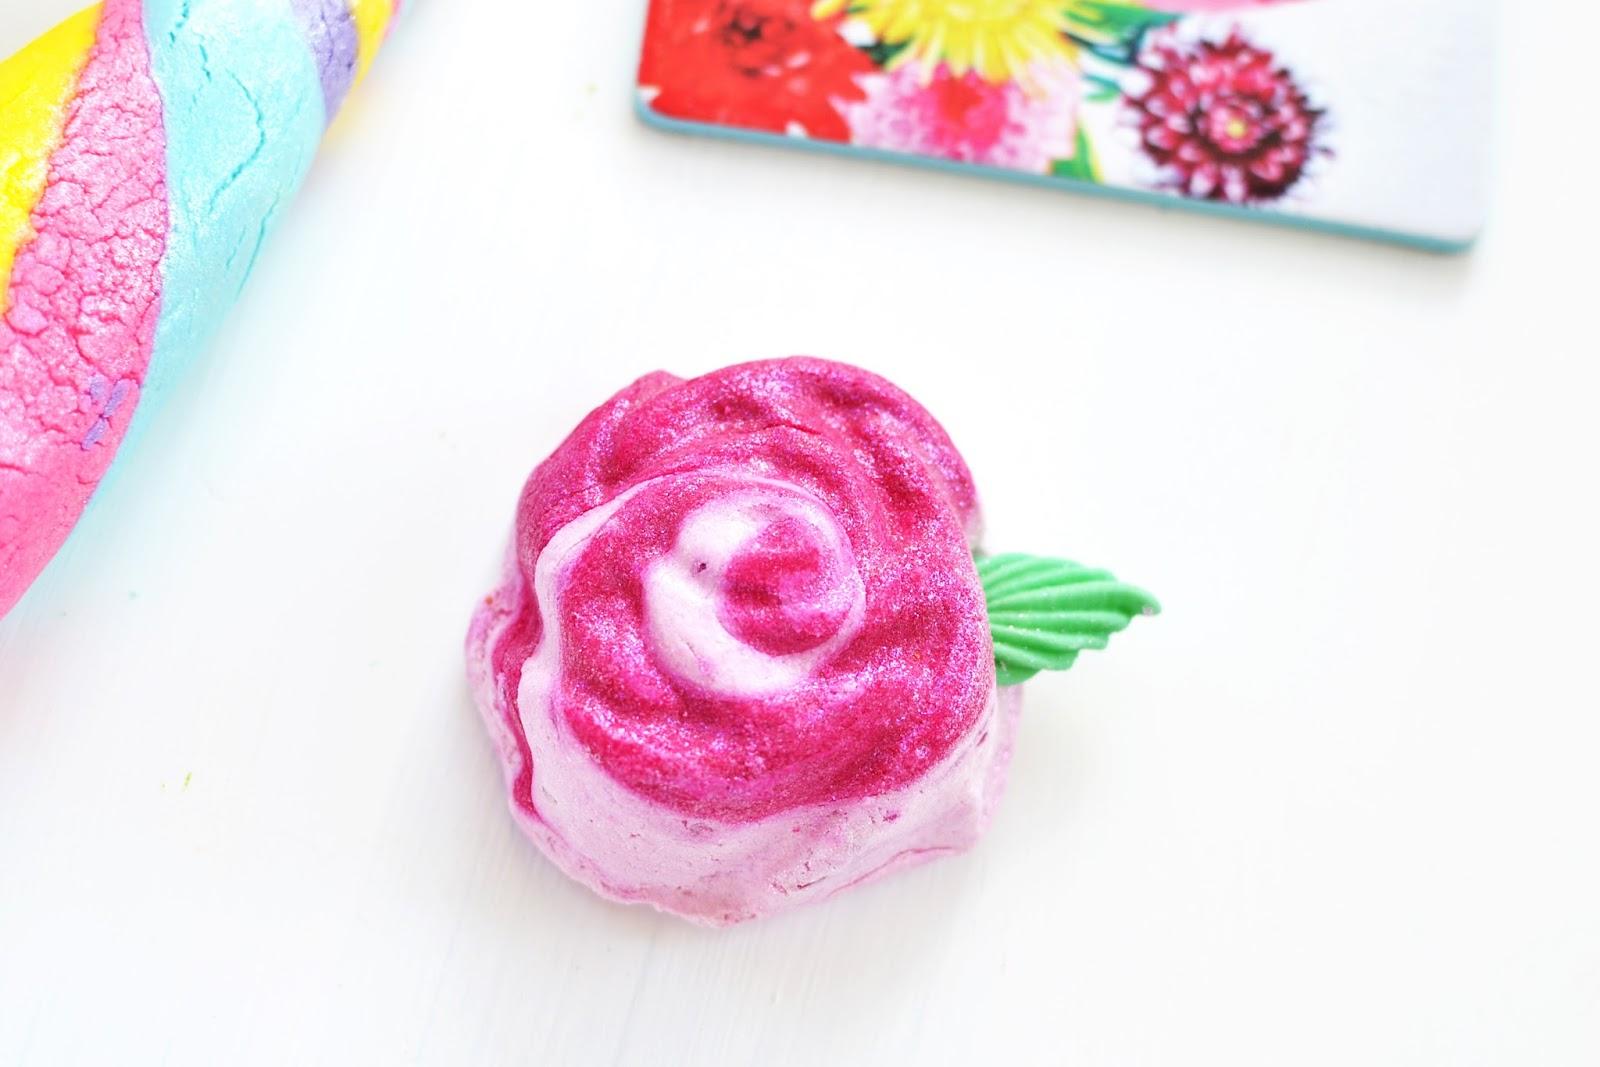 lush rose bubble bar